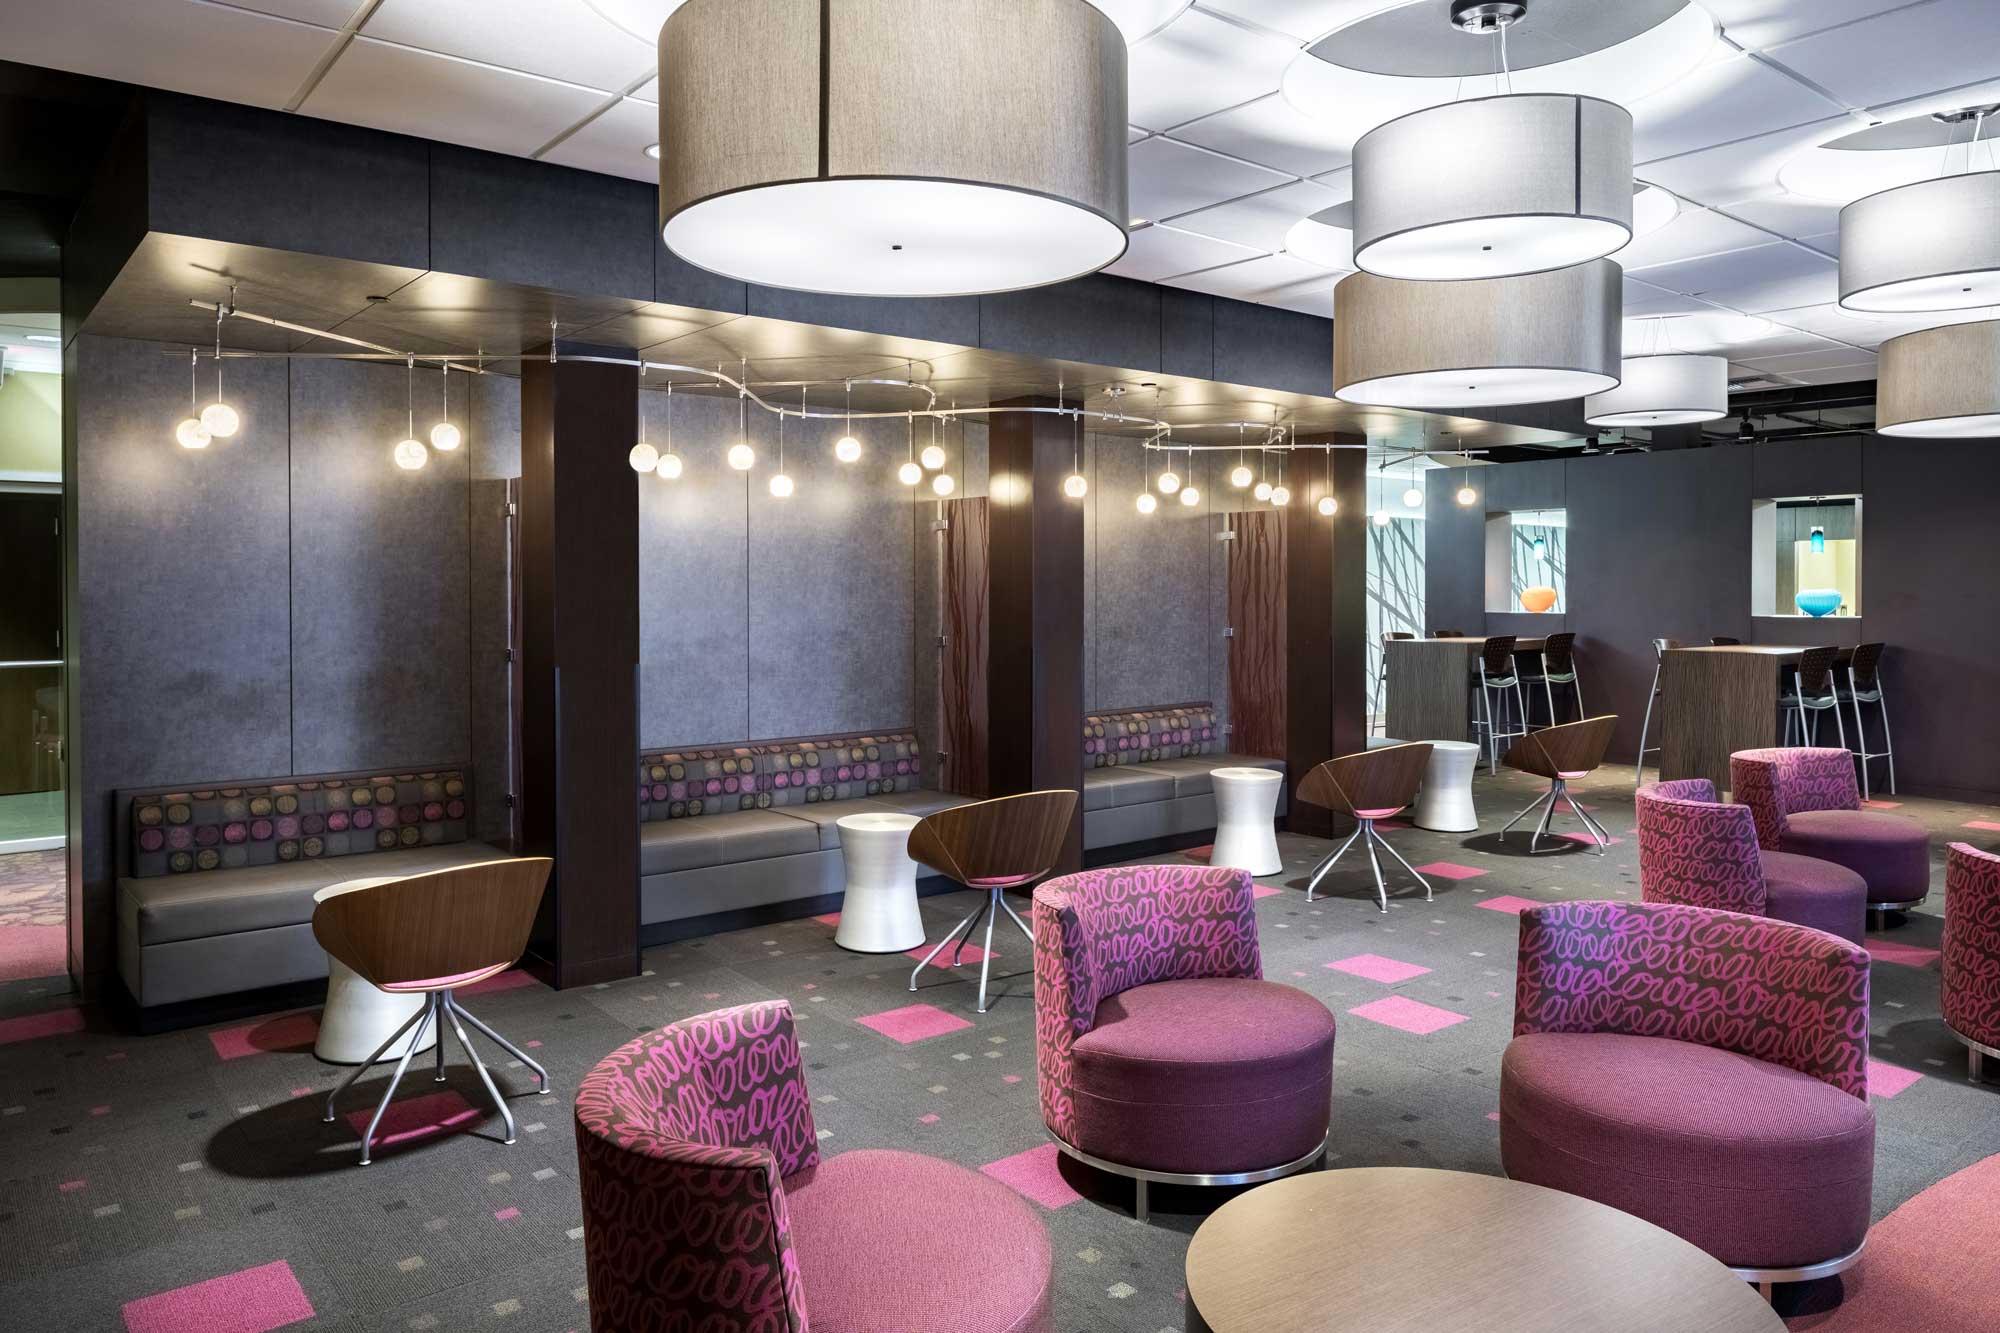 Corporate Cafe & Lounge